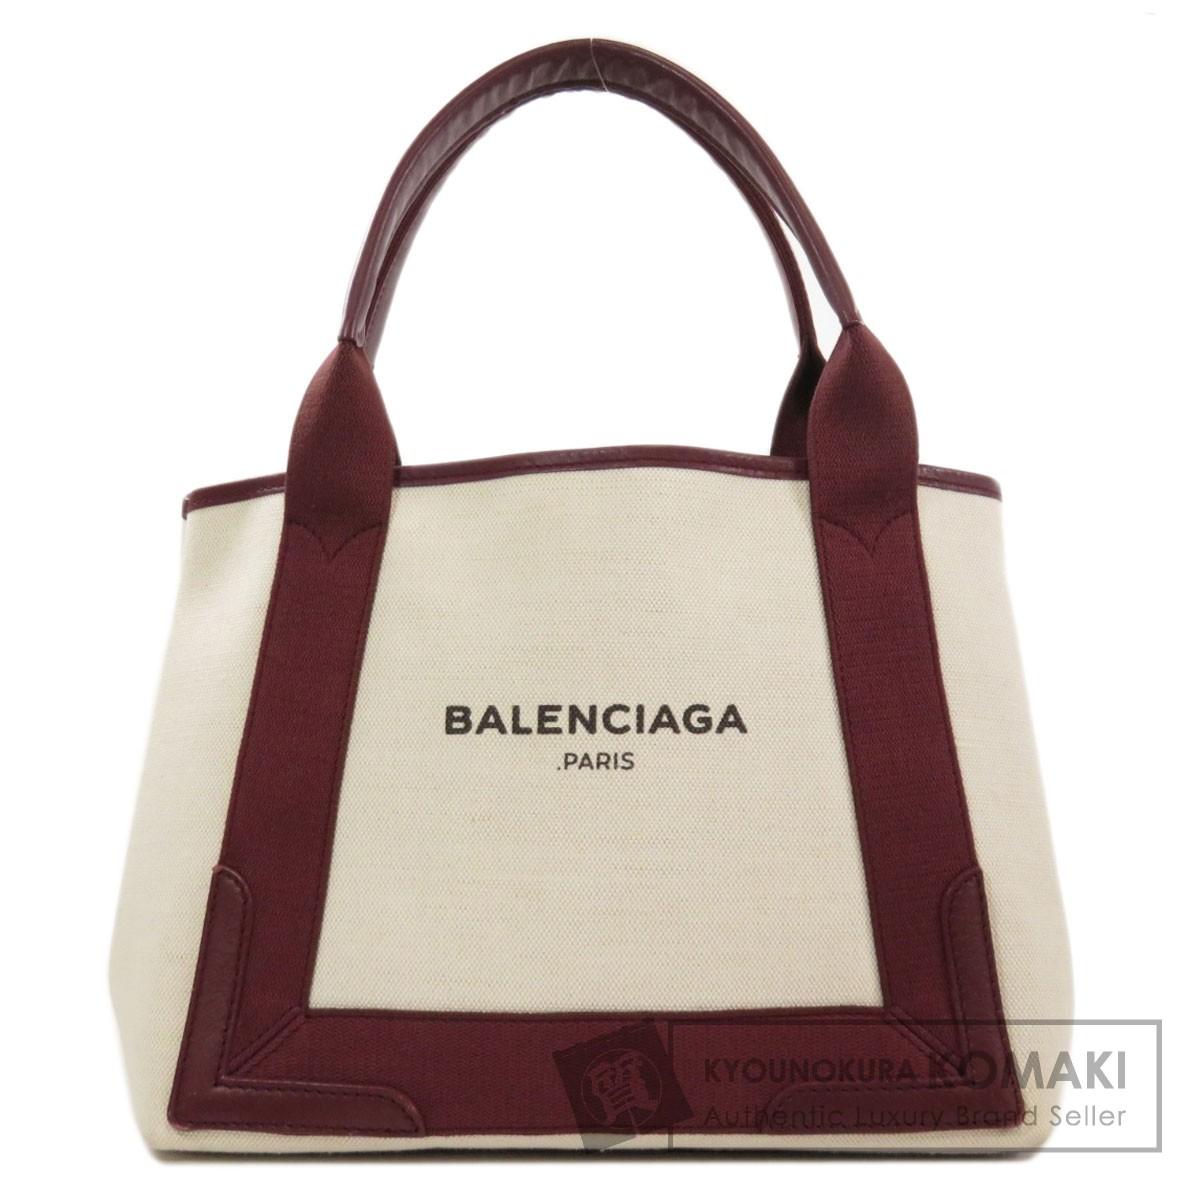 最適な材料 バレンシアガ レディース 339933 ネイビーカバ S トートバッグ キャンバス レディース キャンバス【】【BALENCIAGA】, アイティシー工房:29cd5e62 --- ceremonialdovesoftidewater.com